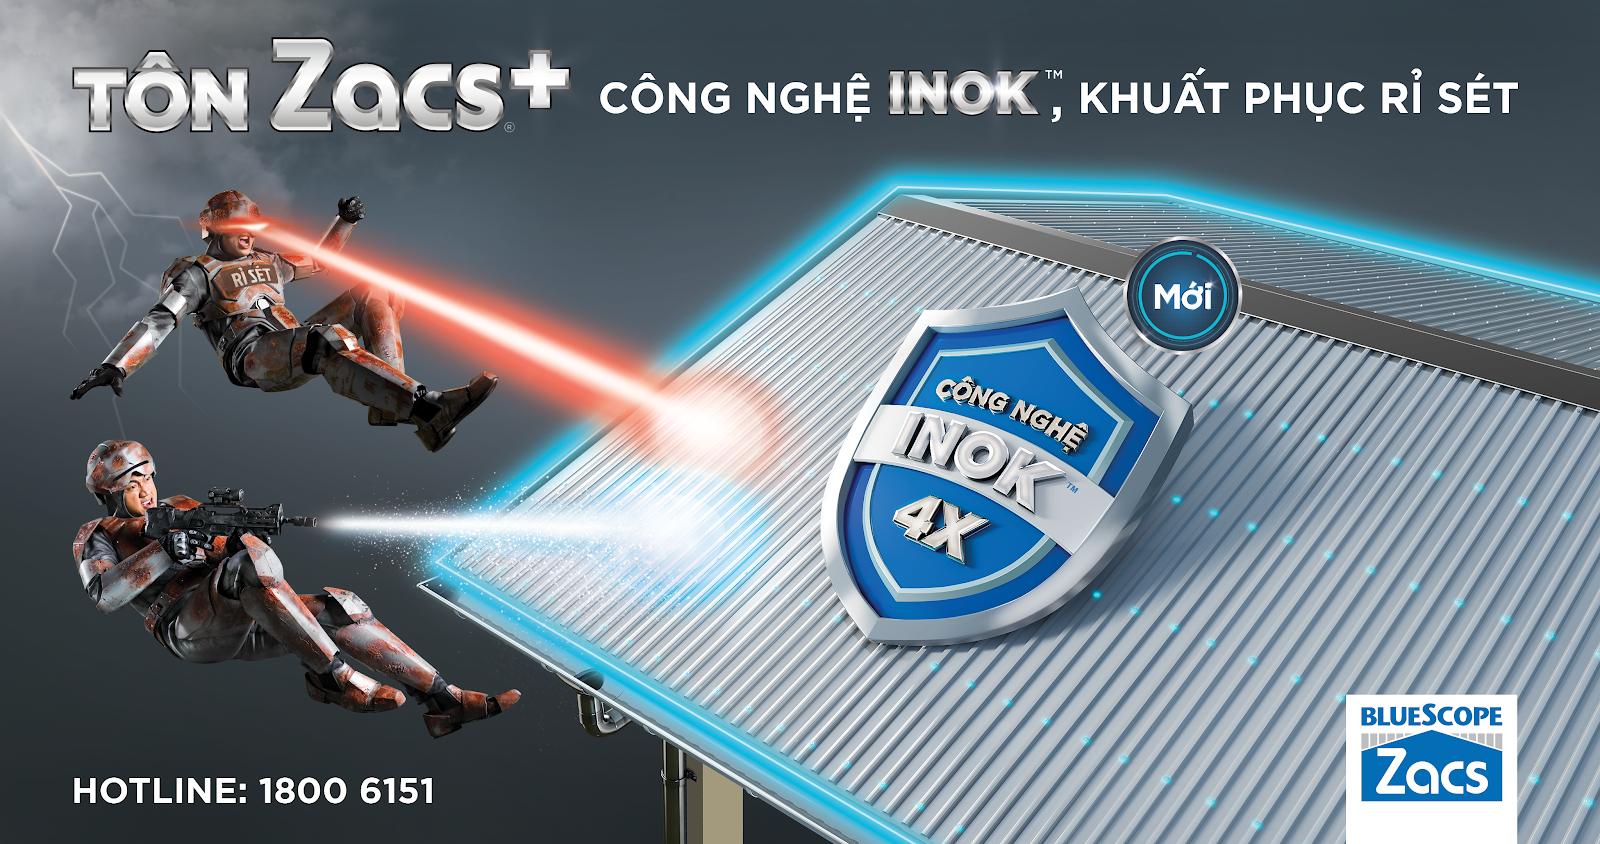 Tôn Zacs®+ Công Nghệ INOK™